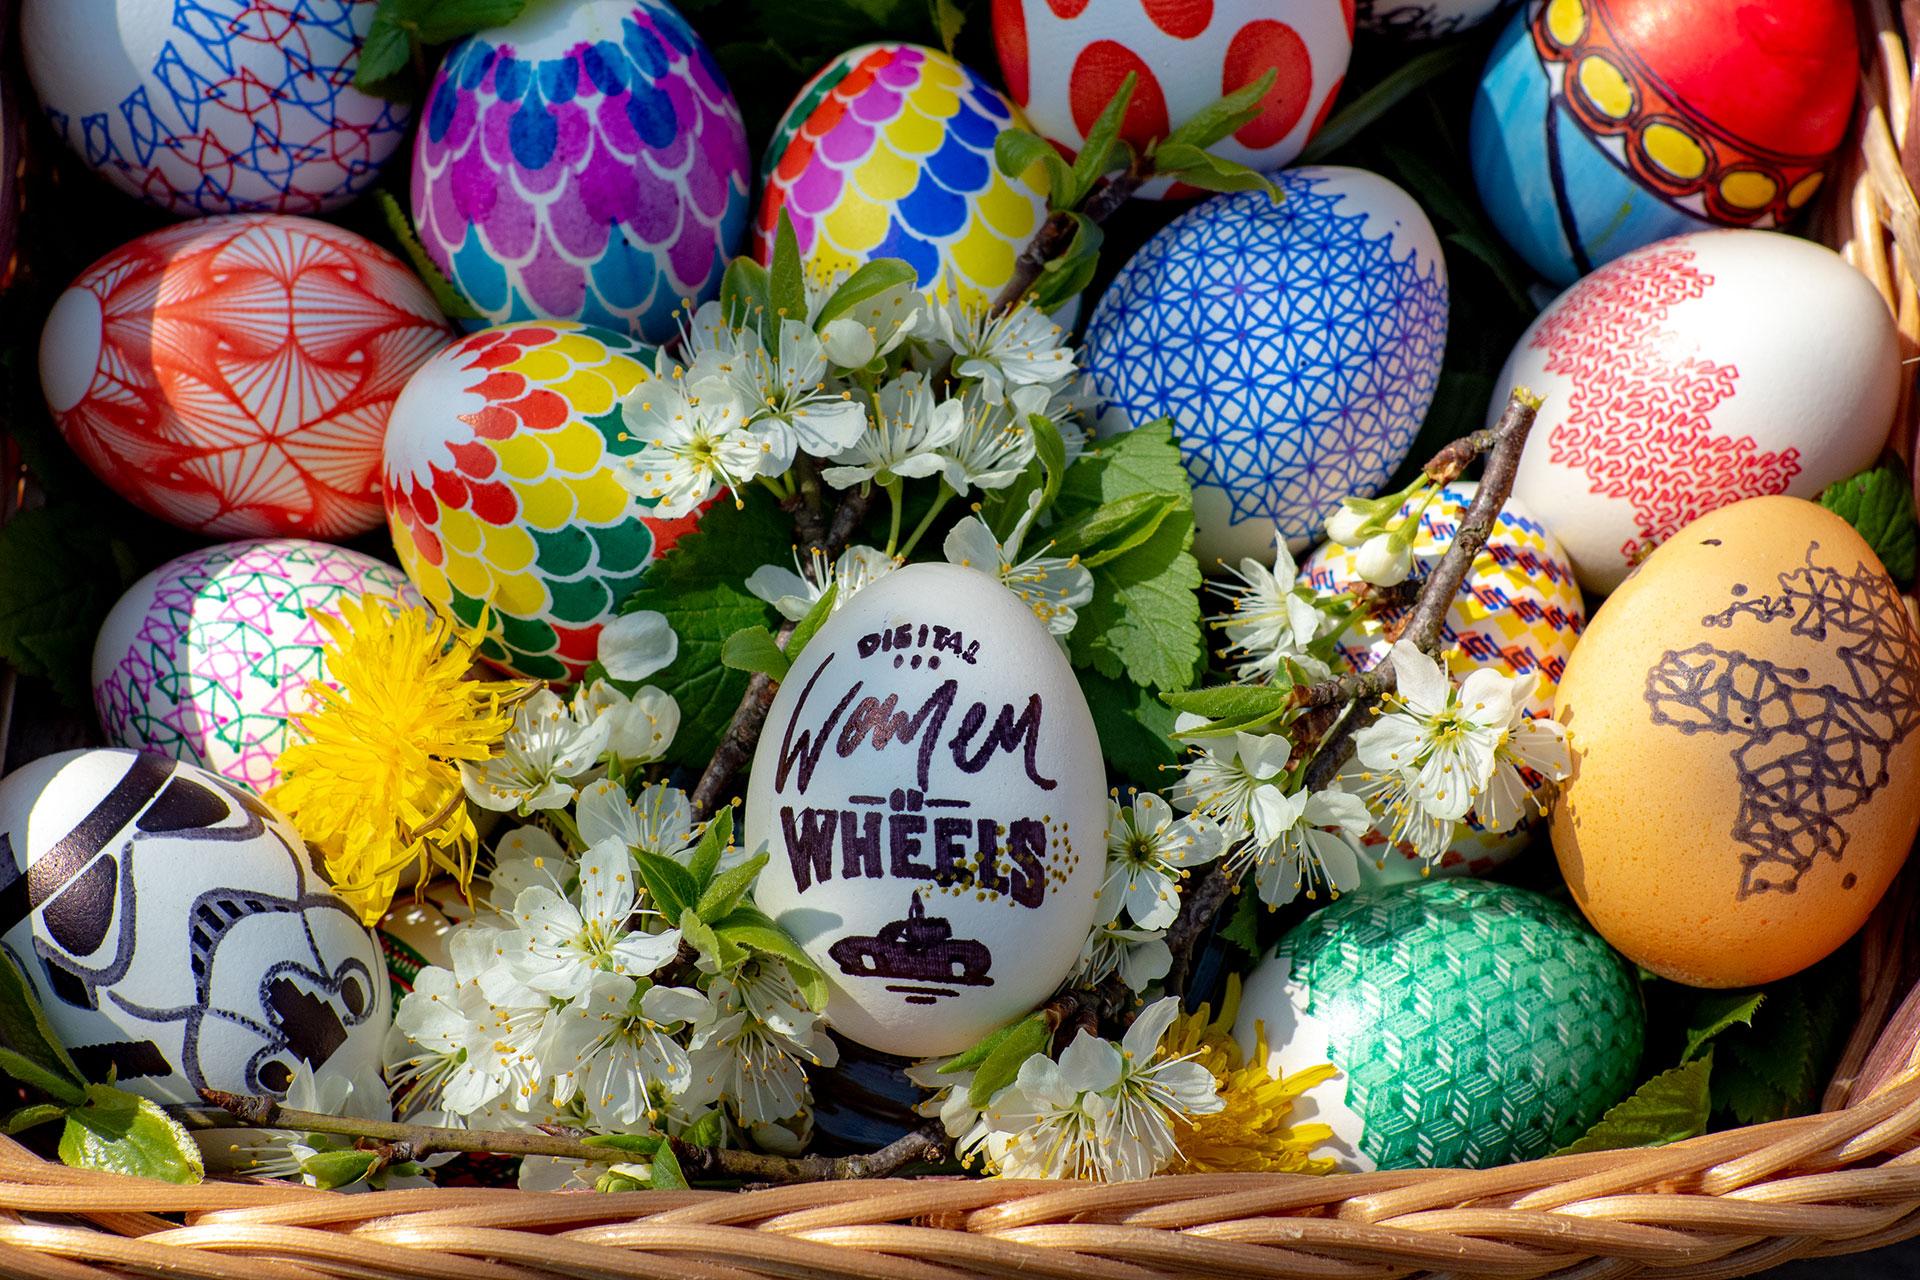 Eier Bemalen Mit Dem Eggbot: 9 Völlig Falsche Vorstellungen verwandt mit Bemalte Ostereier Vorlage